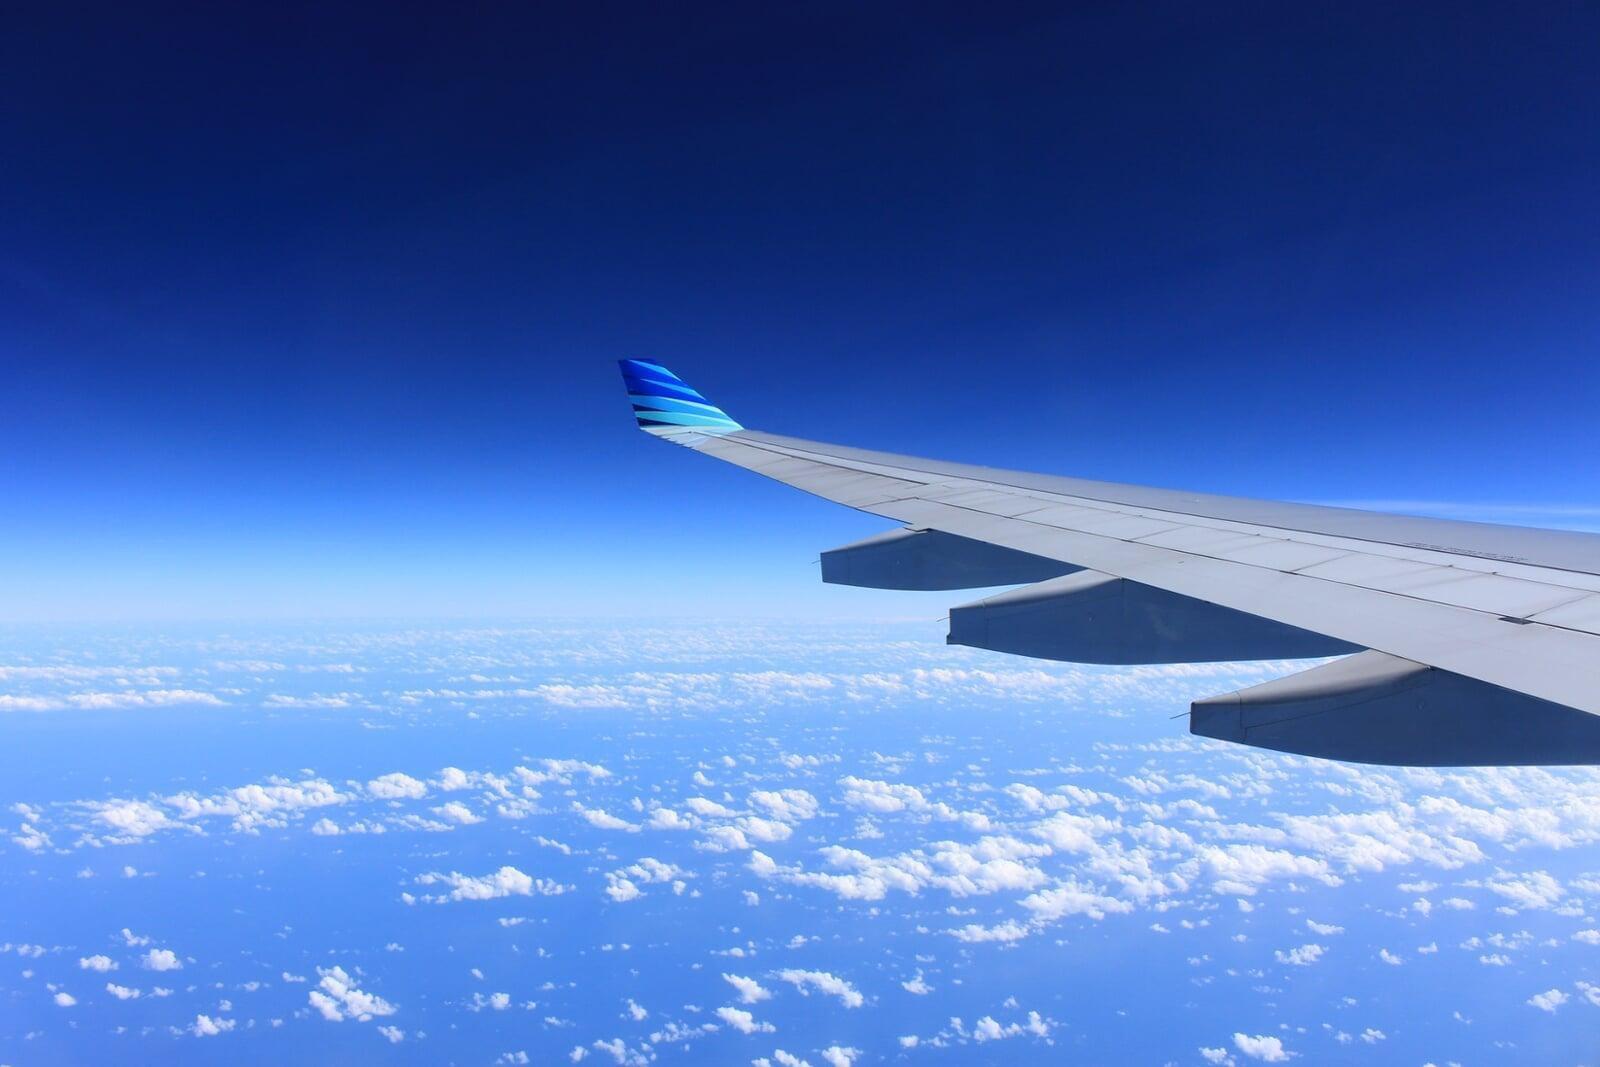 aeroplane-aircraft-aircraft-wing